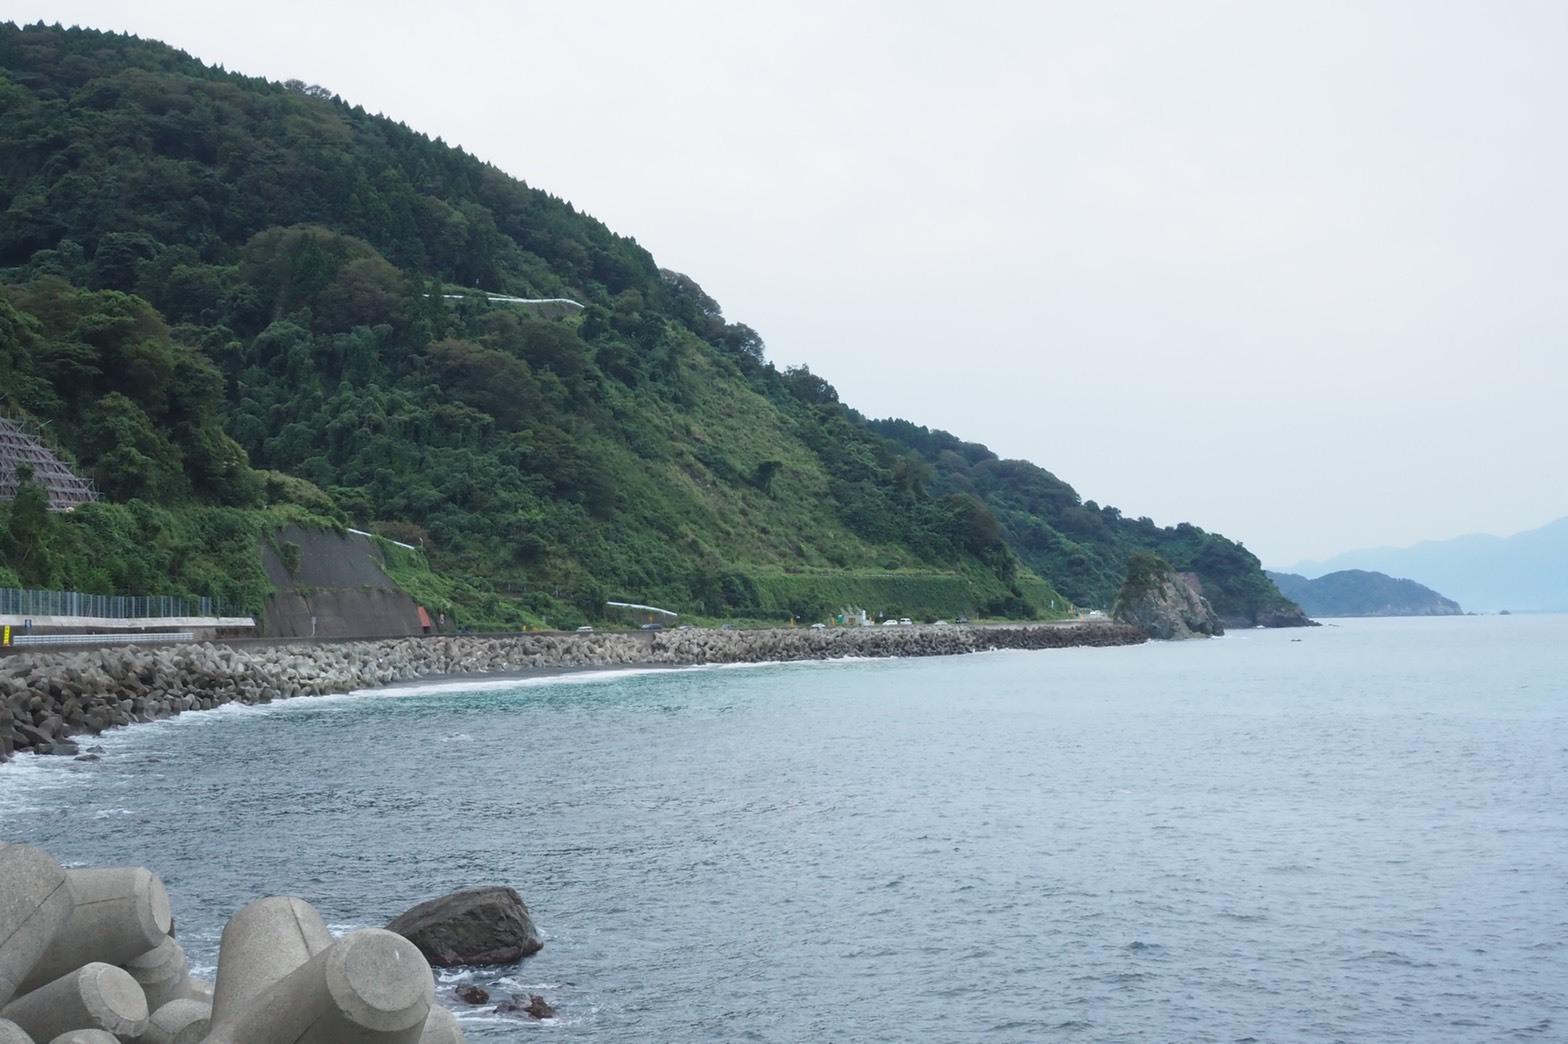 ぴーきちハーレーブログ 福井金沢ツーリング 日本海 海沿い